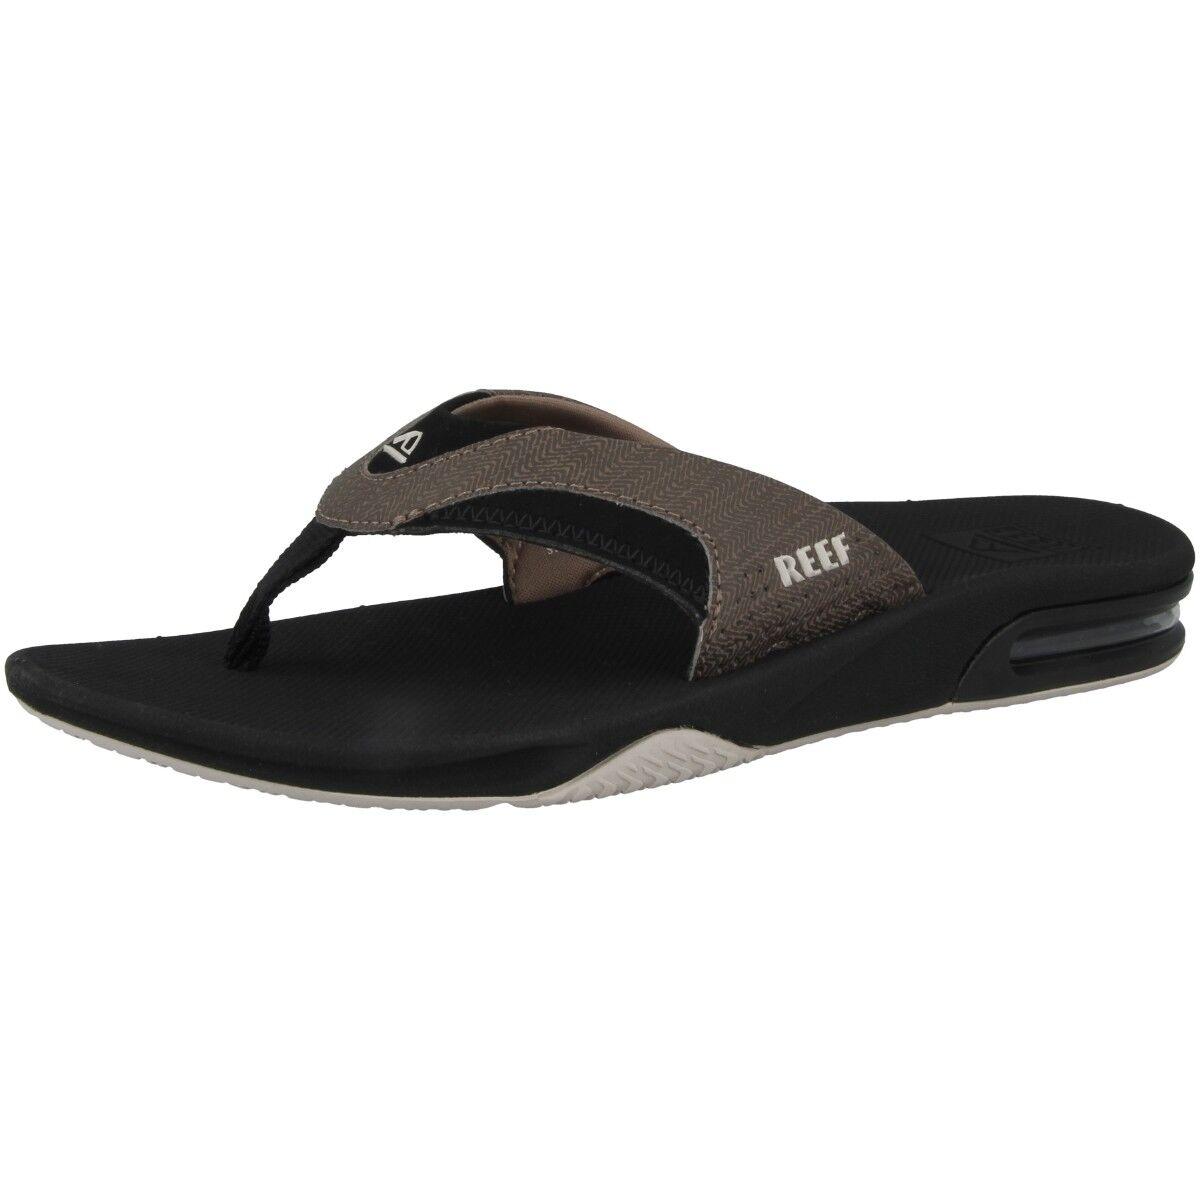 Reef fanning prints flip flops sandals flip flops bathing pool rf002146tav